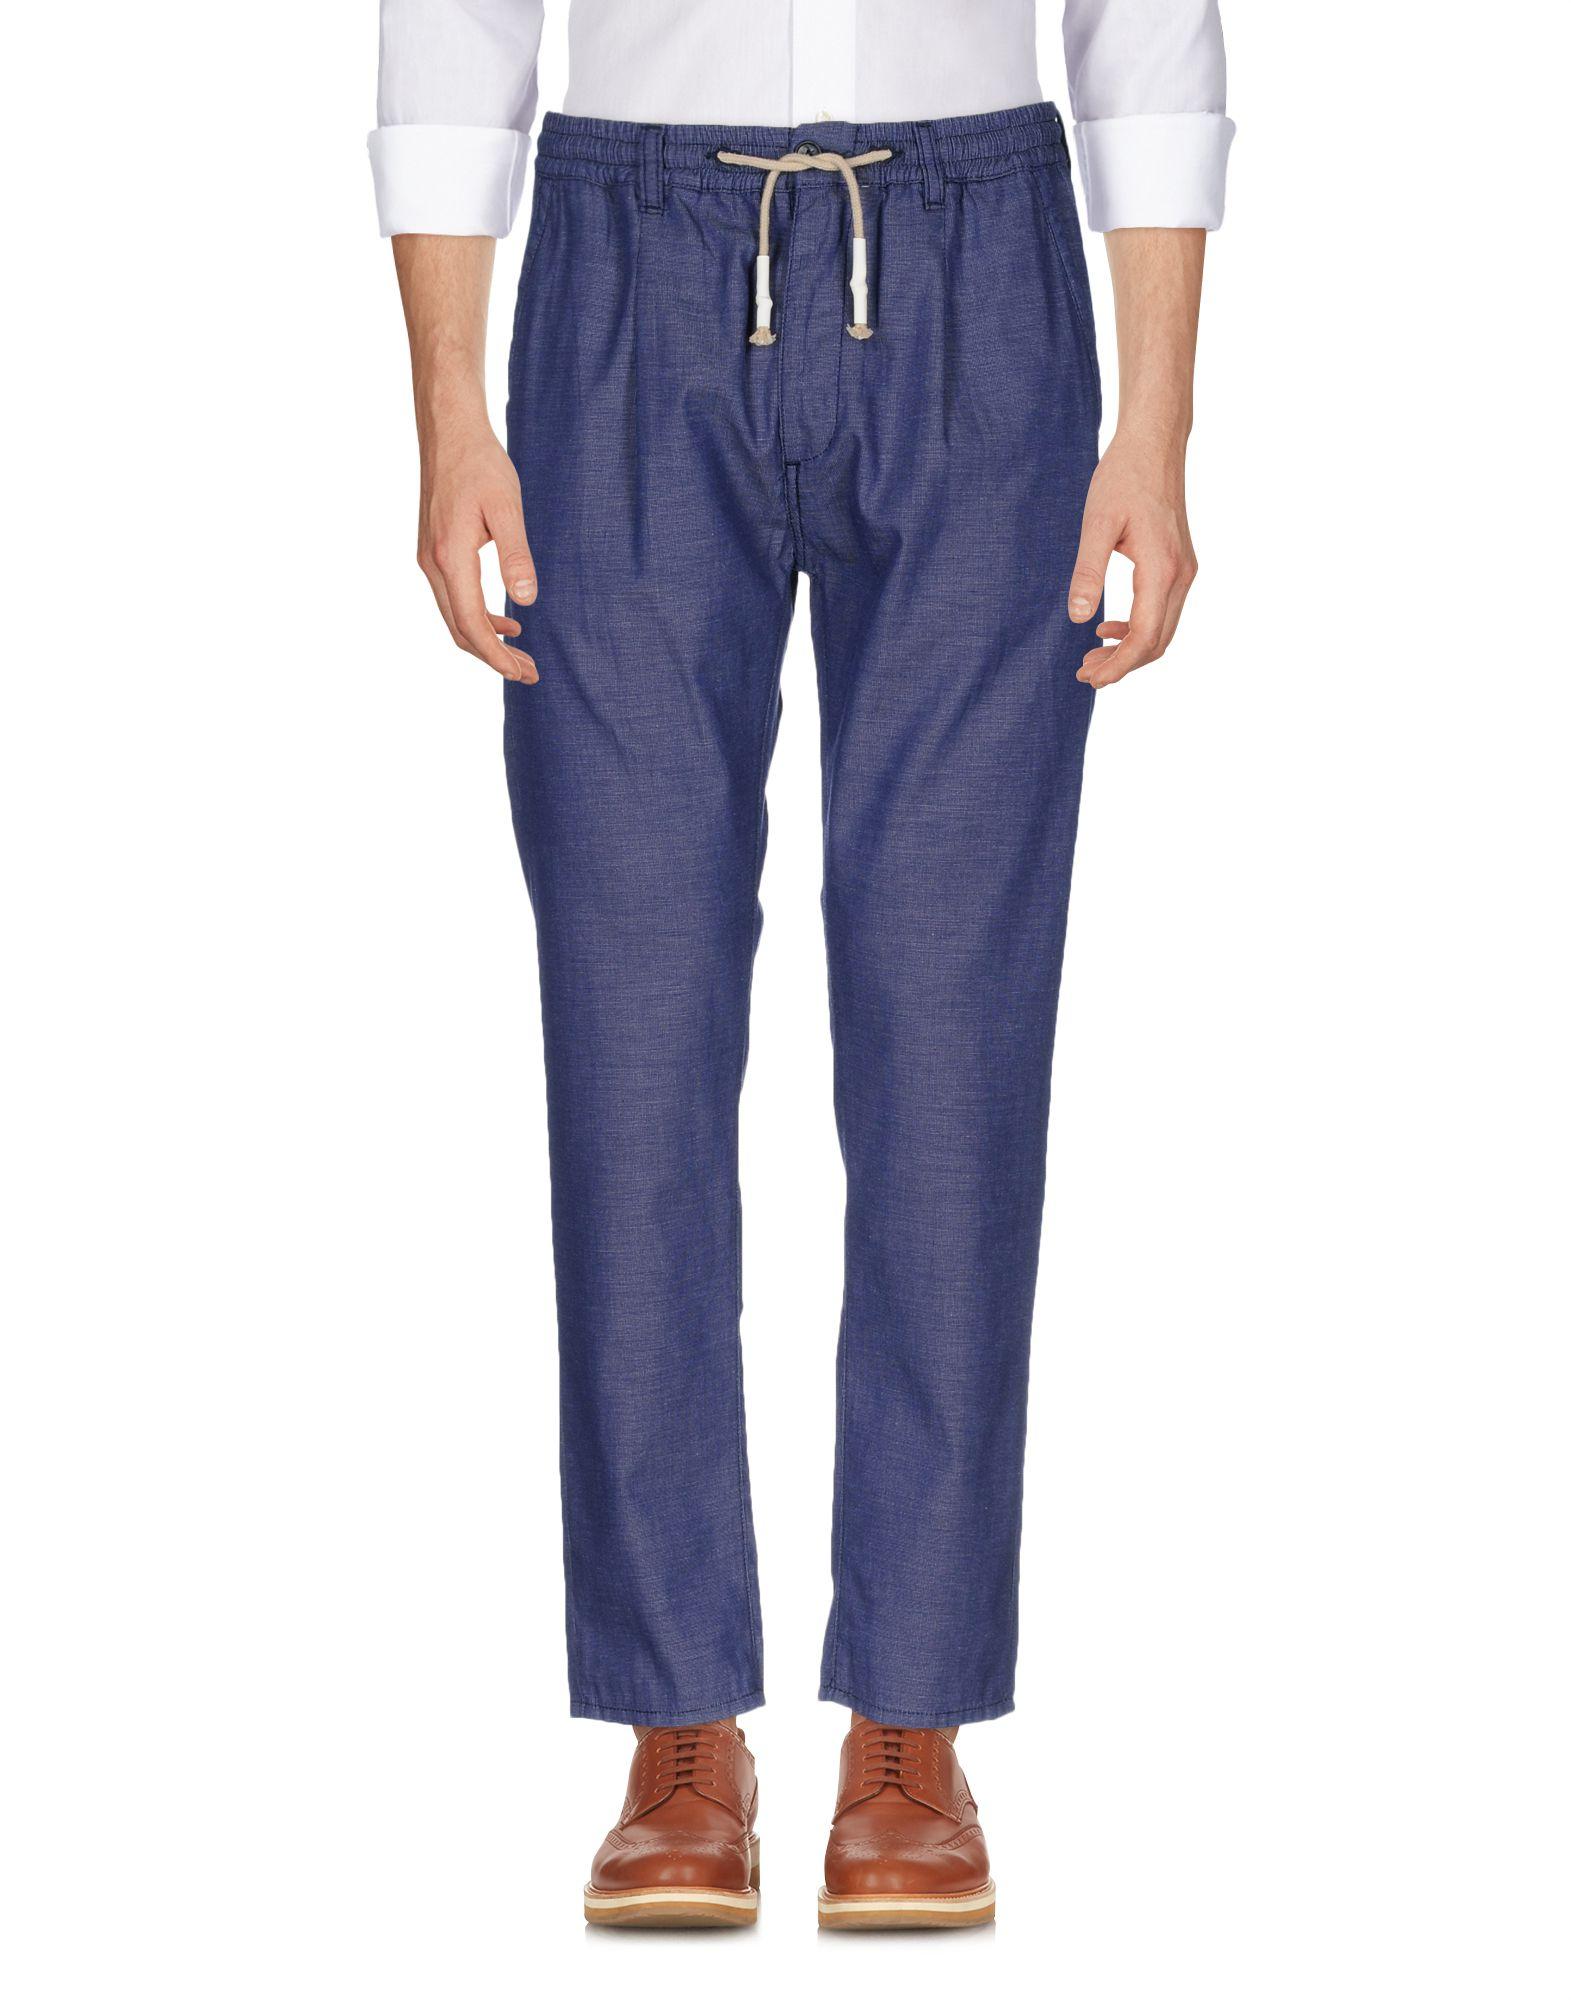 《送料無料》CRUNA メンズ パンツ ブルー 50 コットン 100%